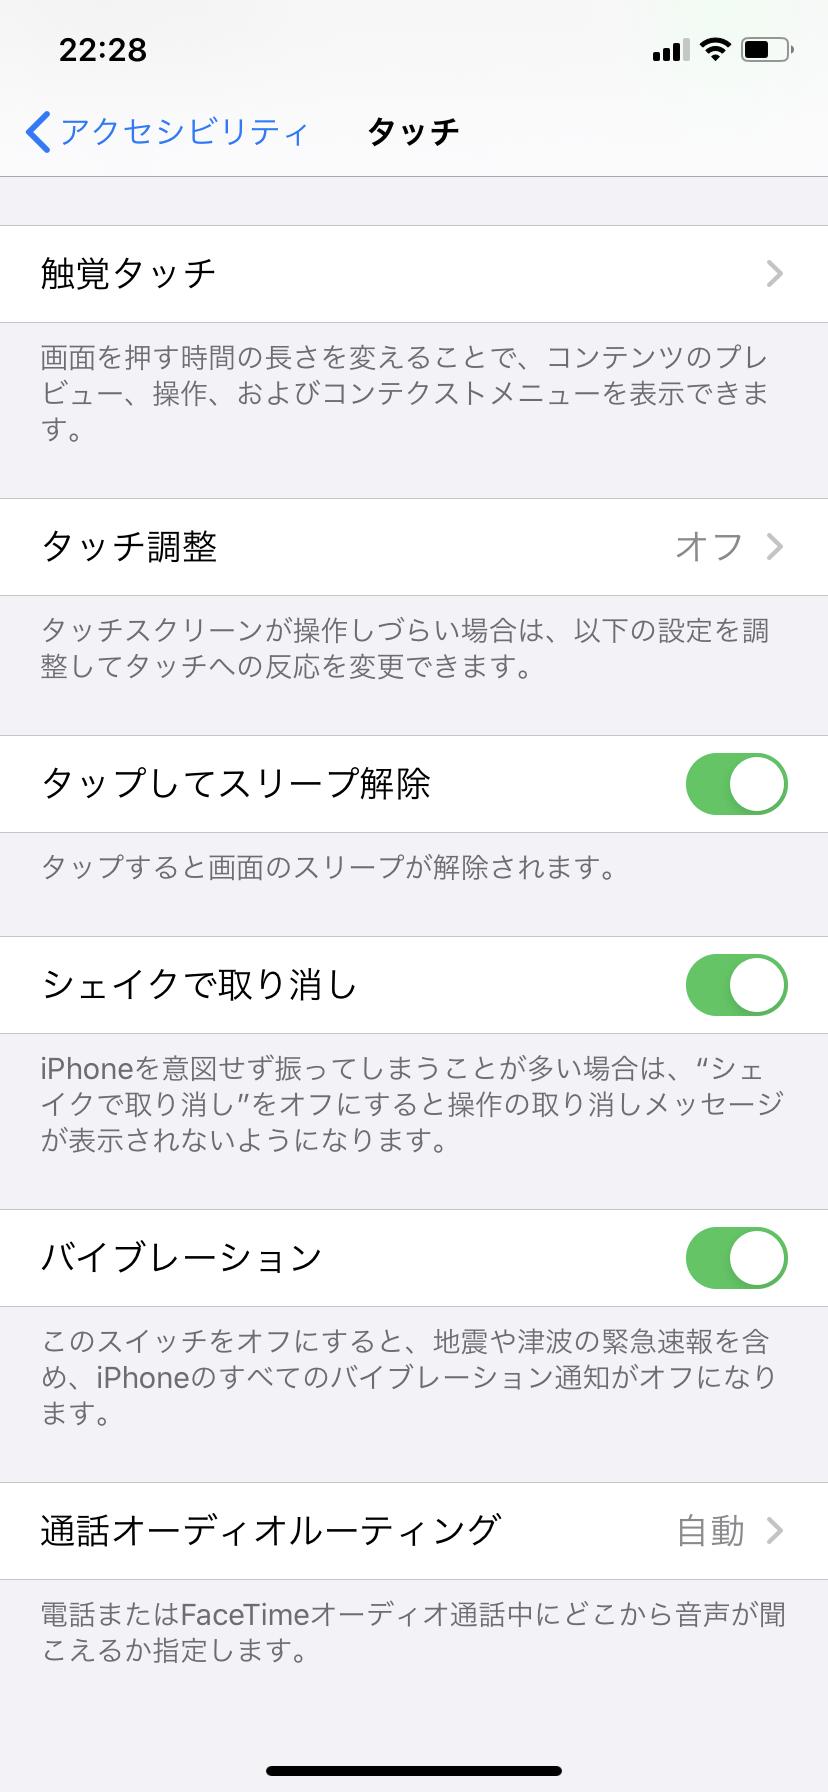 Iphone7 背面 タップ iPhoneの「背面タップ」にスクリーンショットを設定する方法(iOS 14新機能)